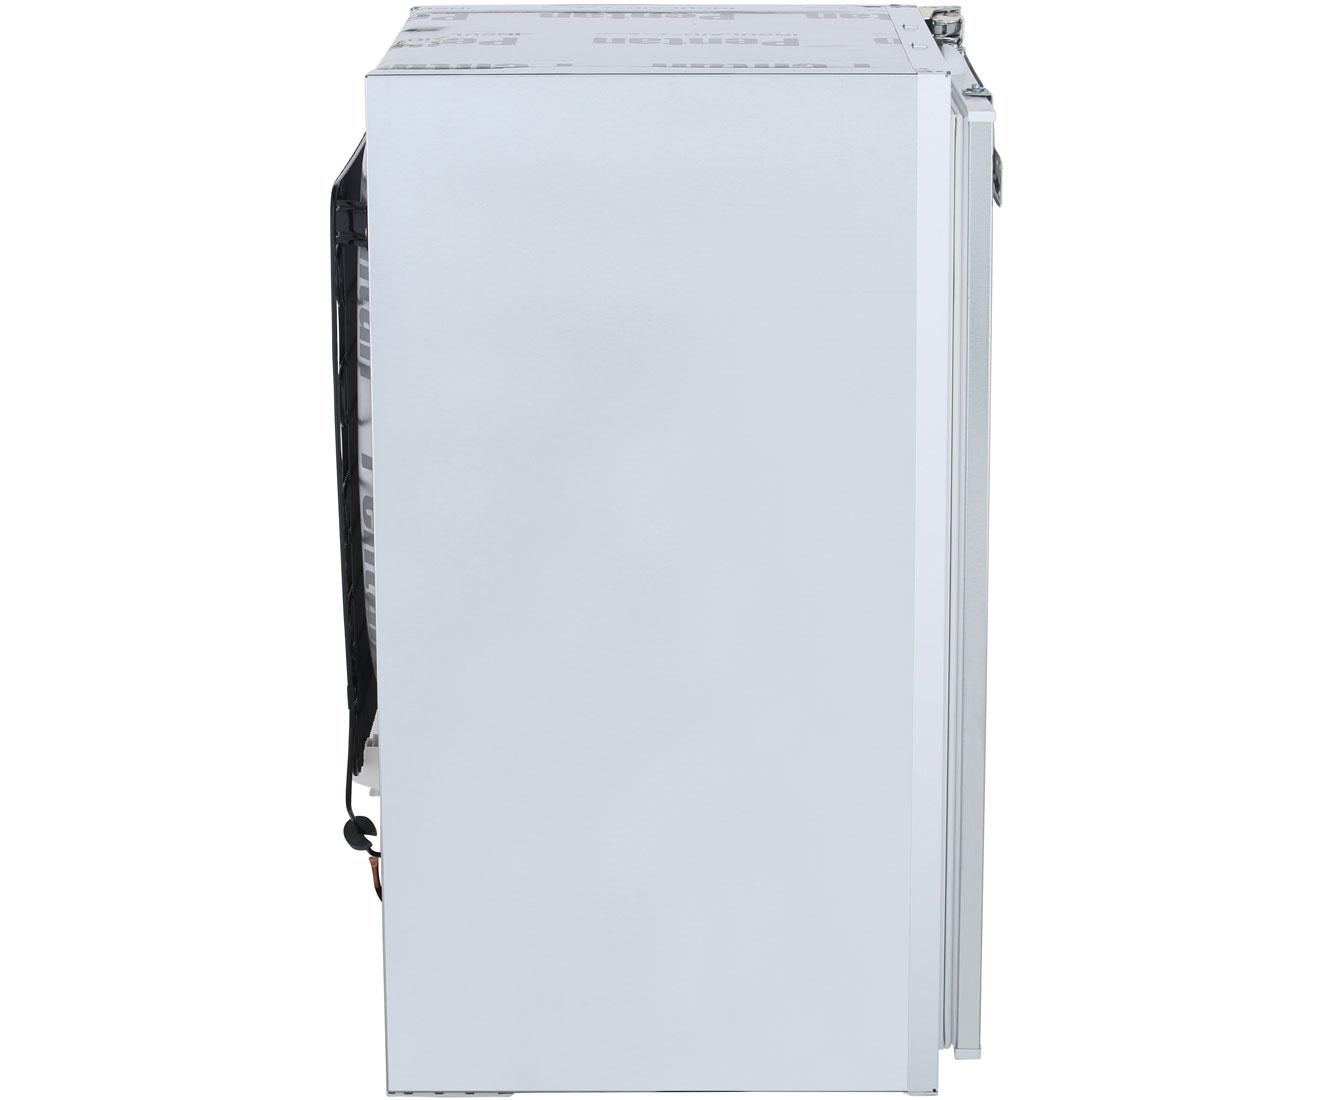 Bosch Kühlschrank Dezibel : Bosch serie kil v einbau kühlschrank mit gefrierfach er